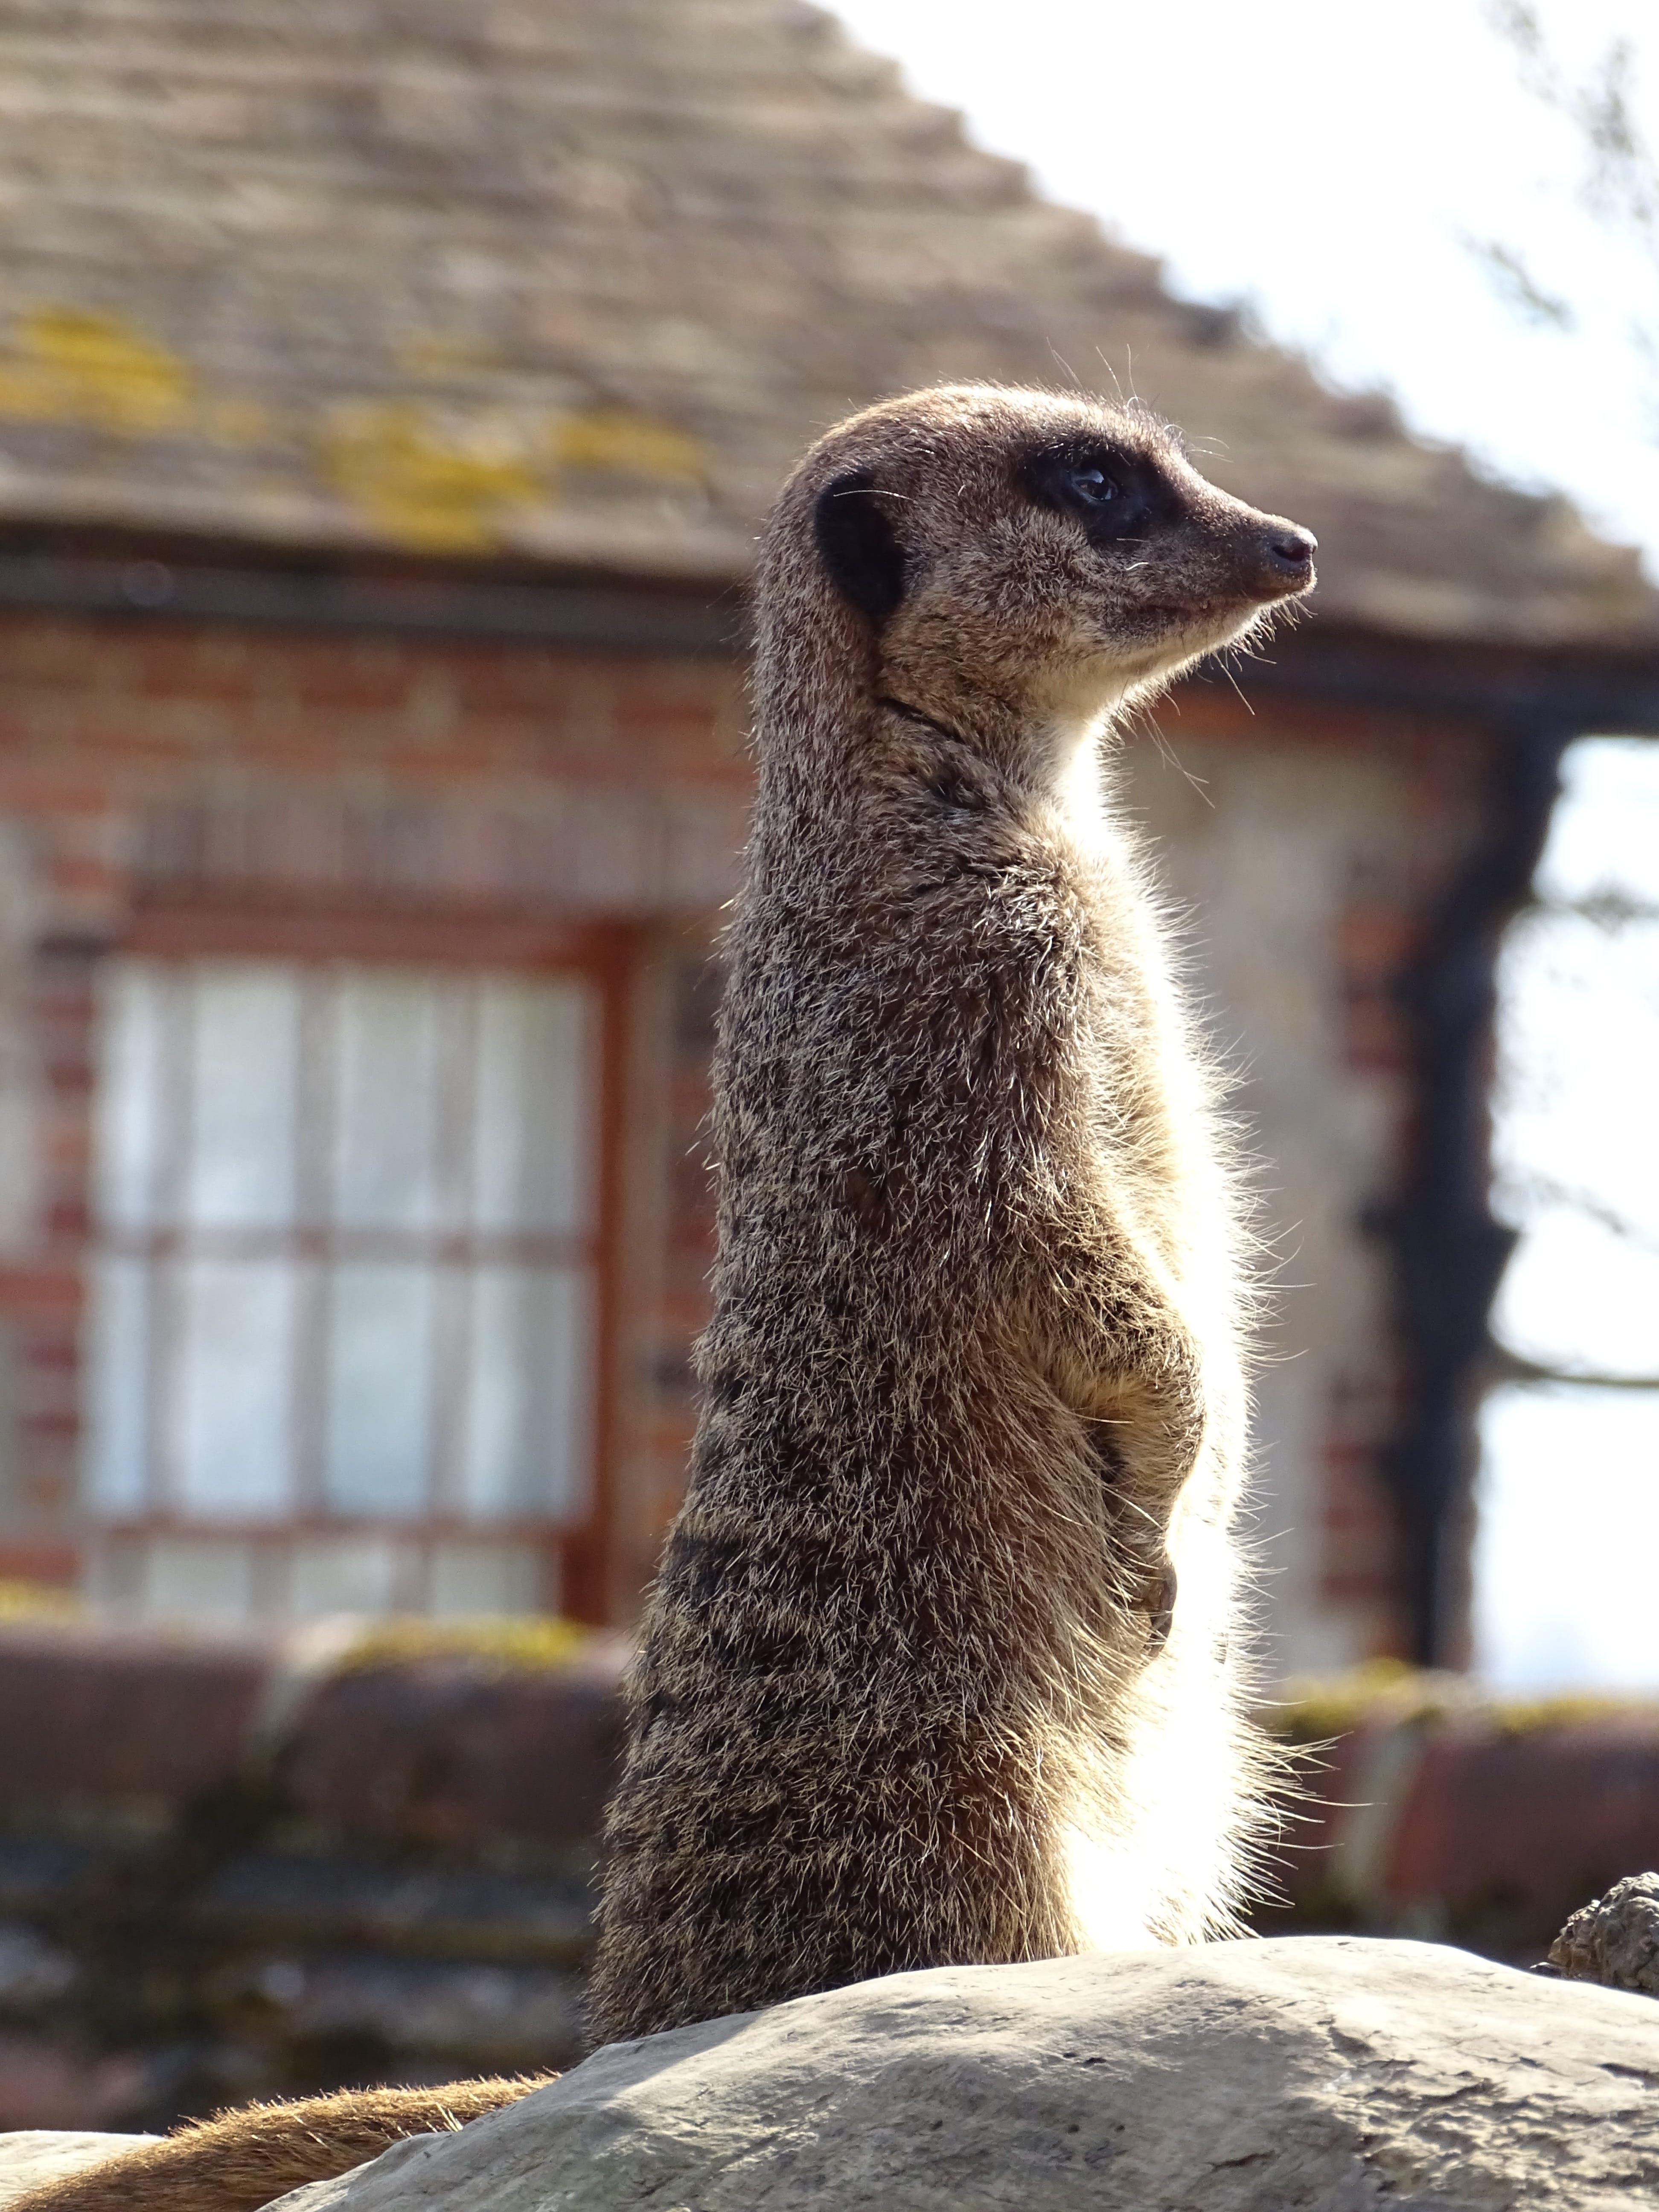 Δωρεάν στοκ φωτογραφιών με meerkat, βάθος πεδίου, γλυκούλι, ζώα